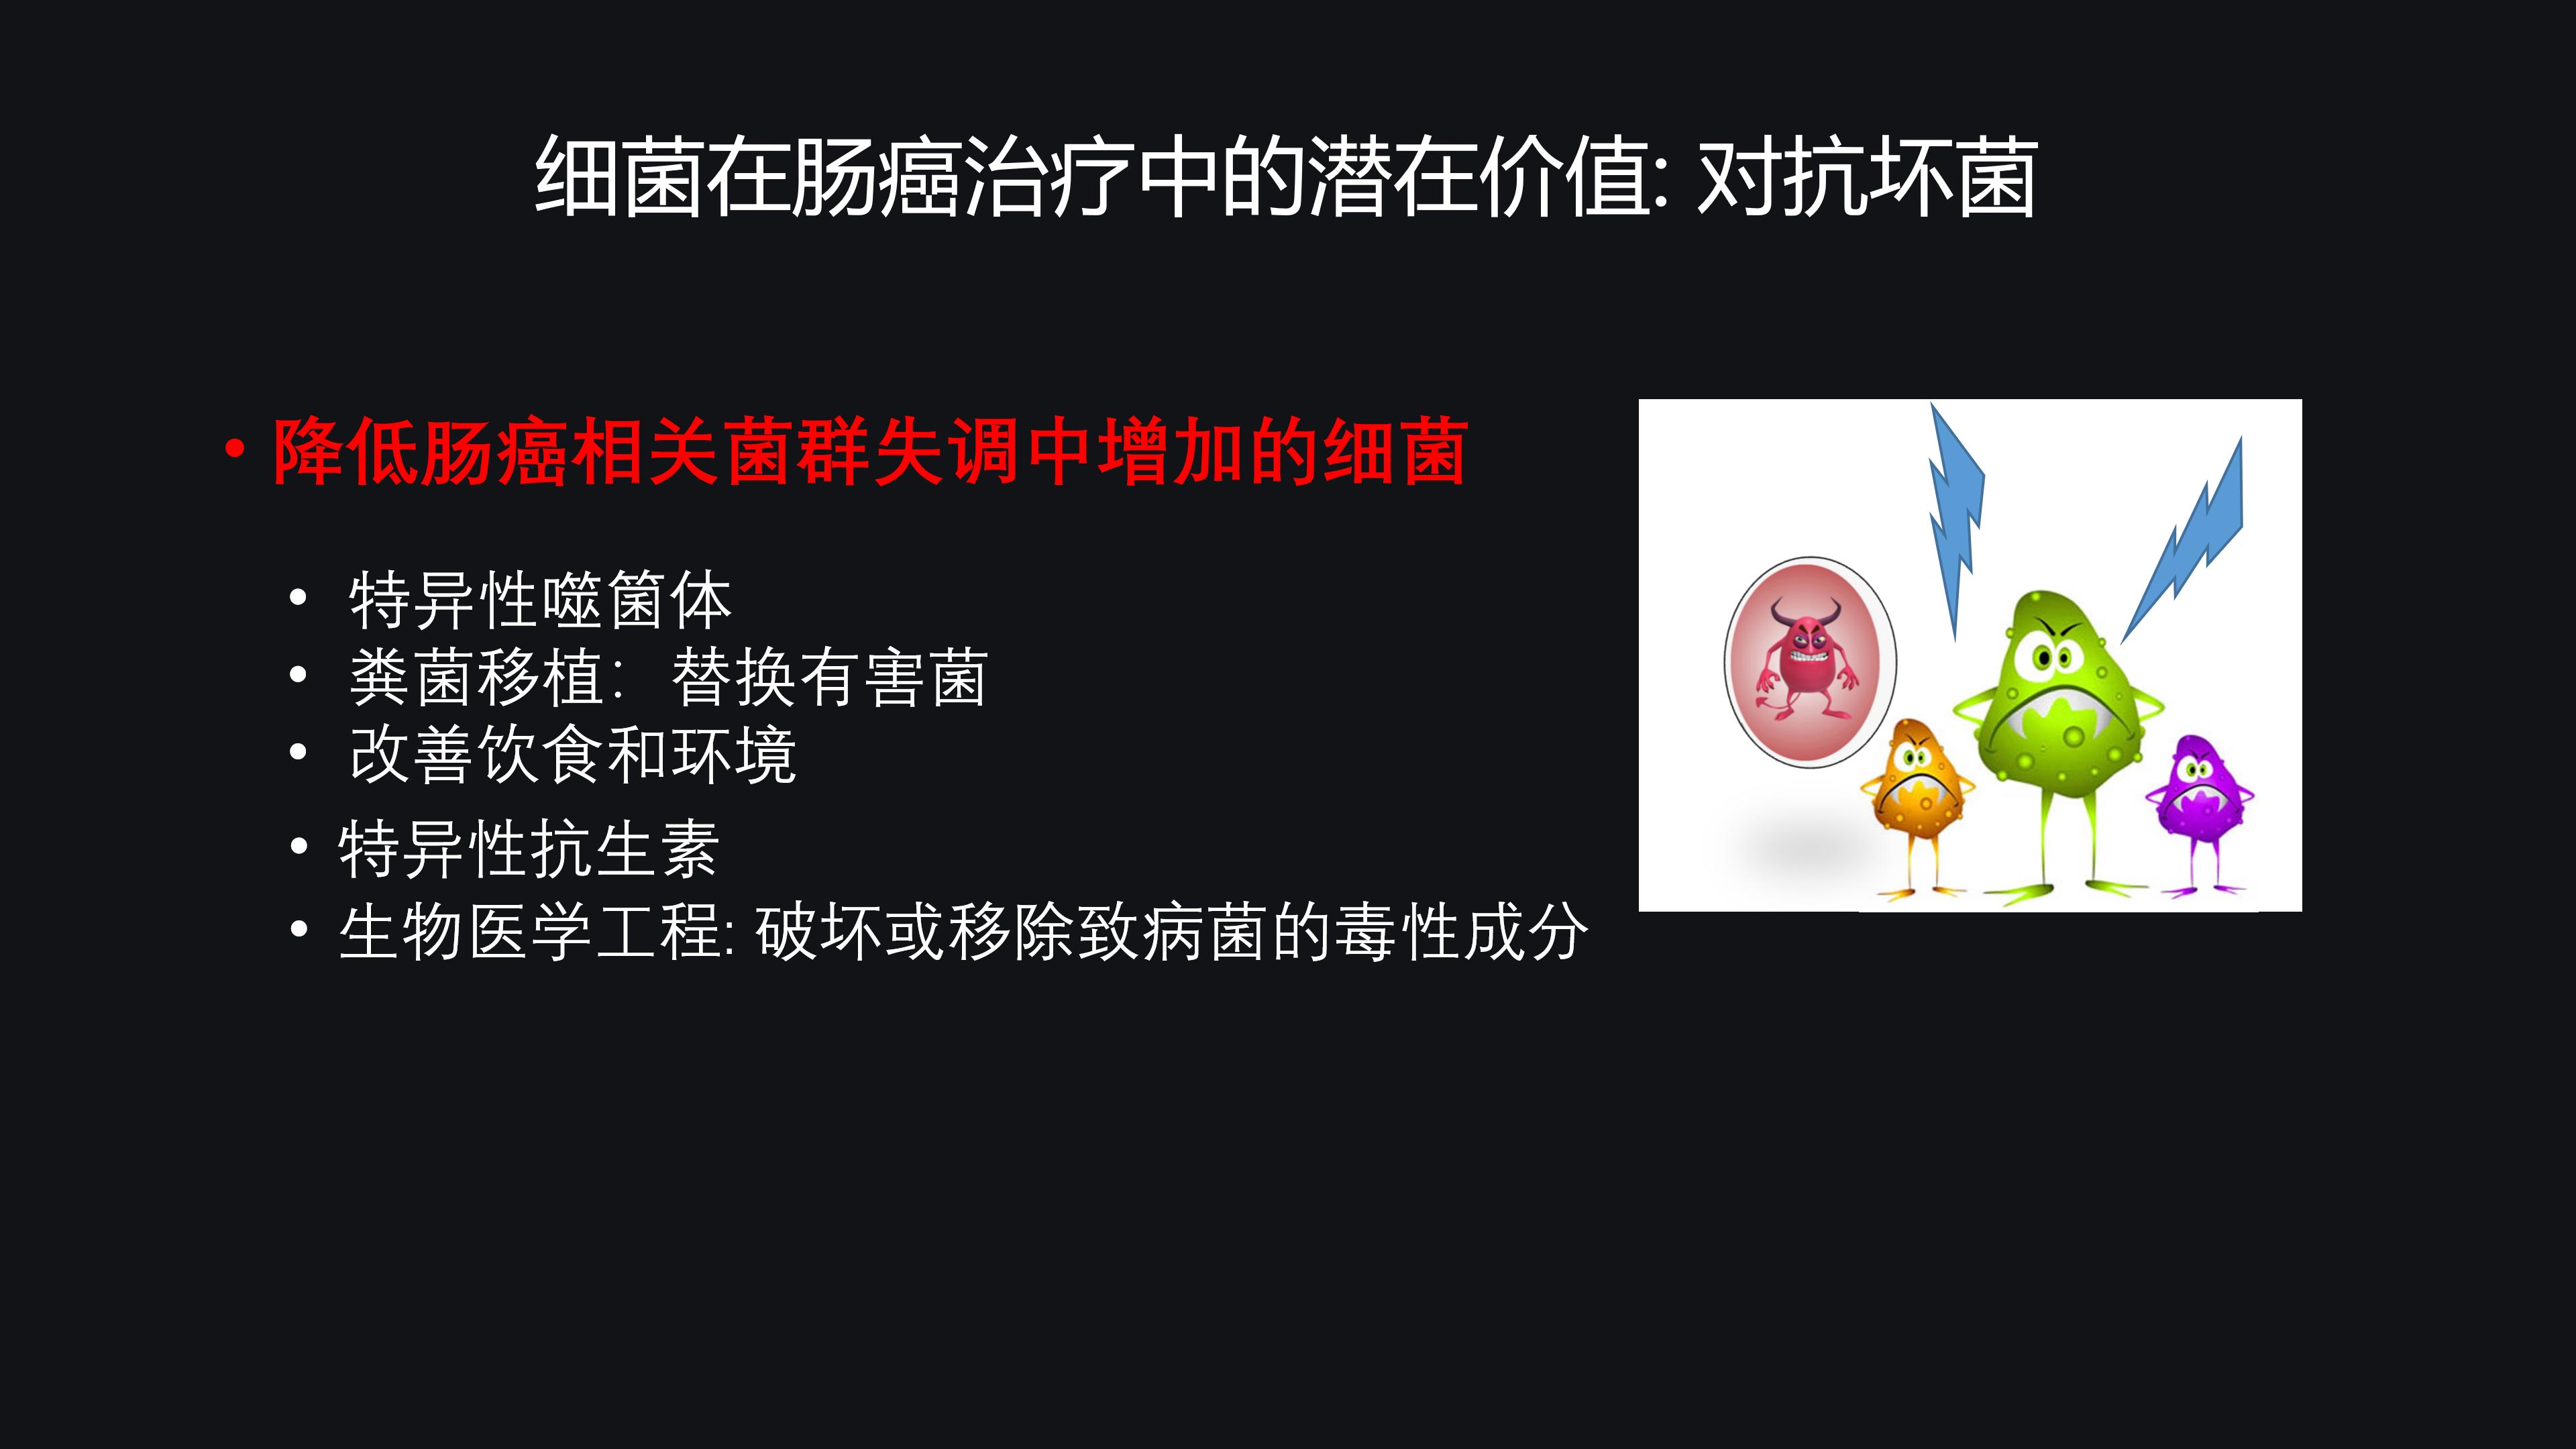 肠道菌群与大肠癌-于君(修改版)-Re3 - 副本_23.png